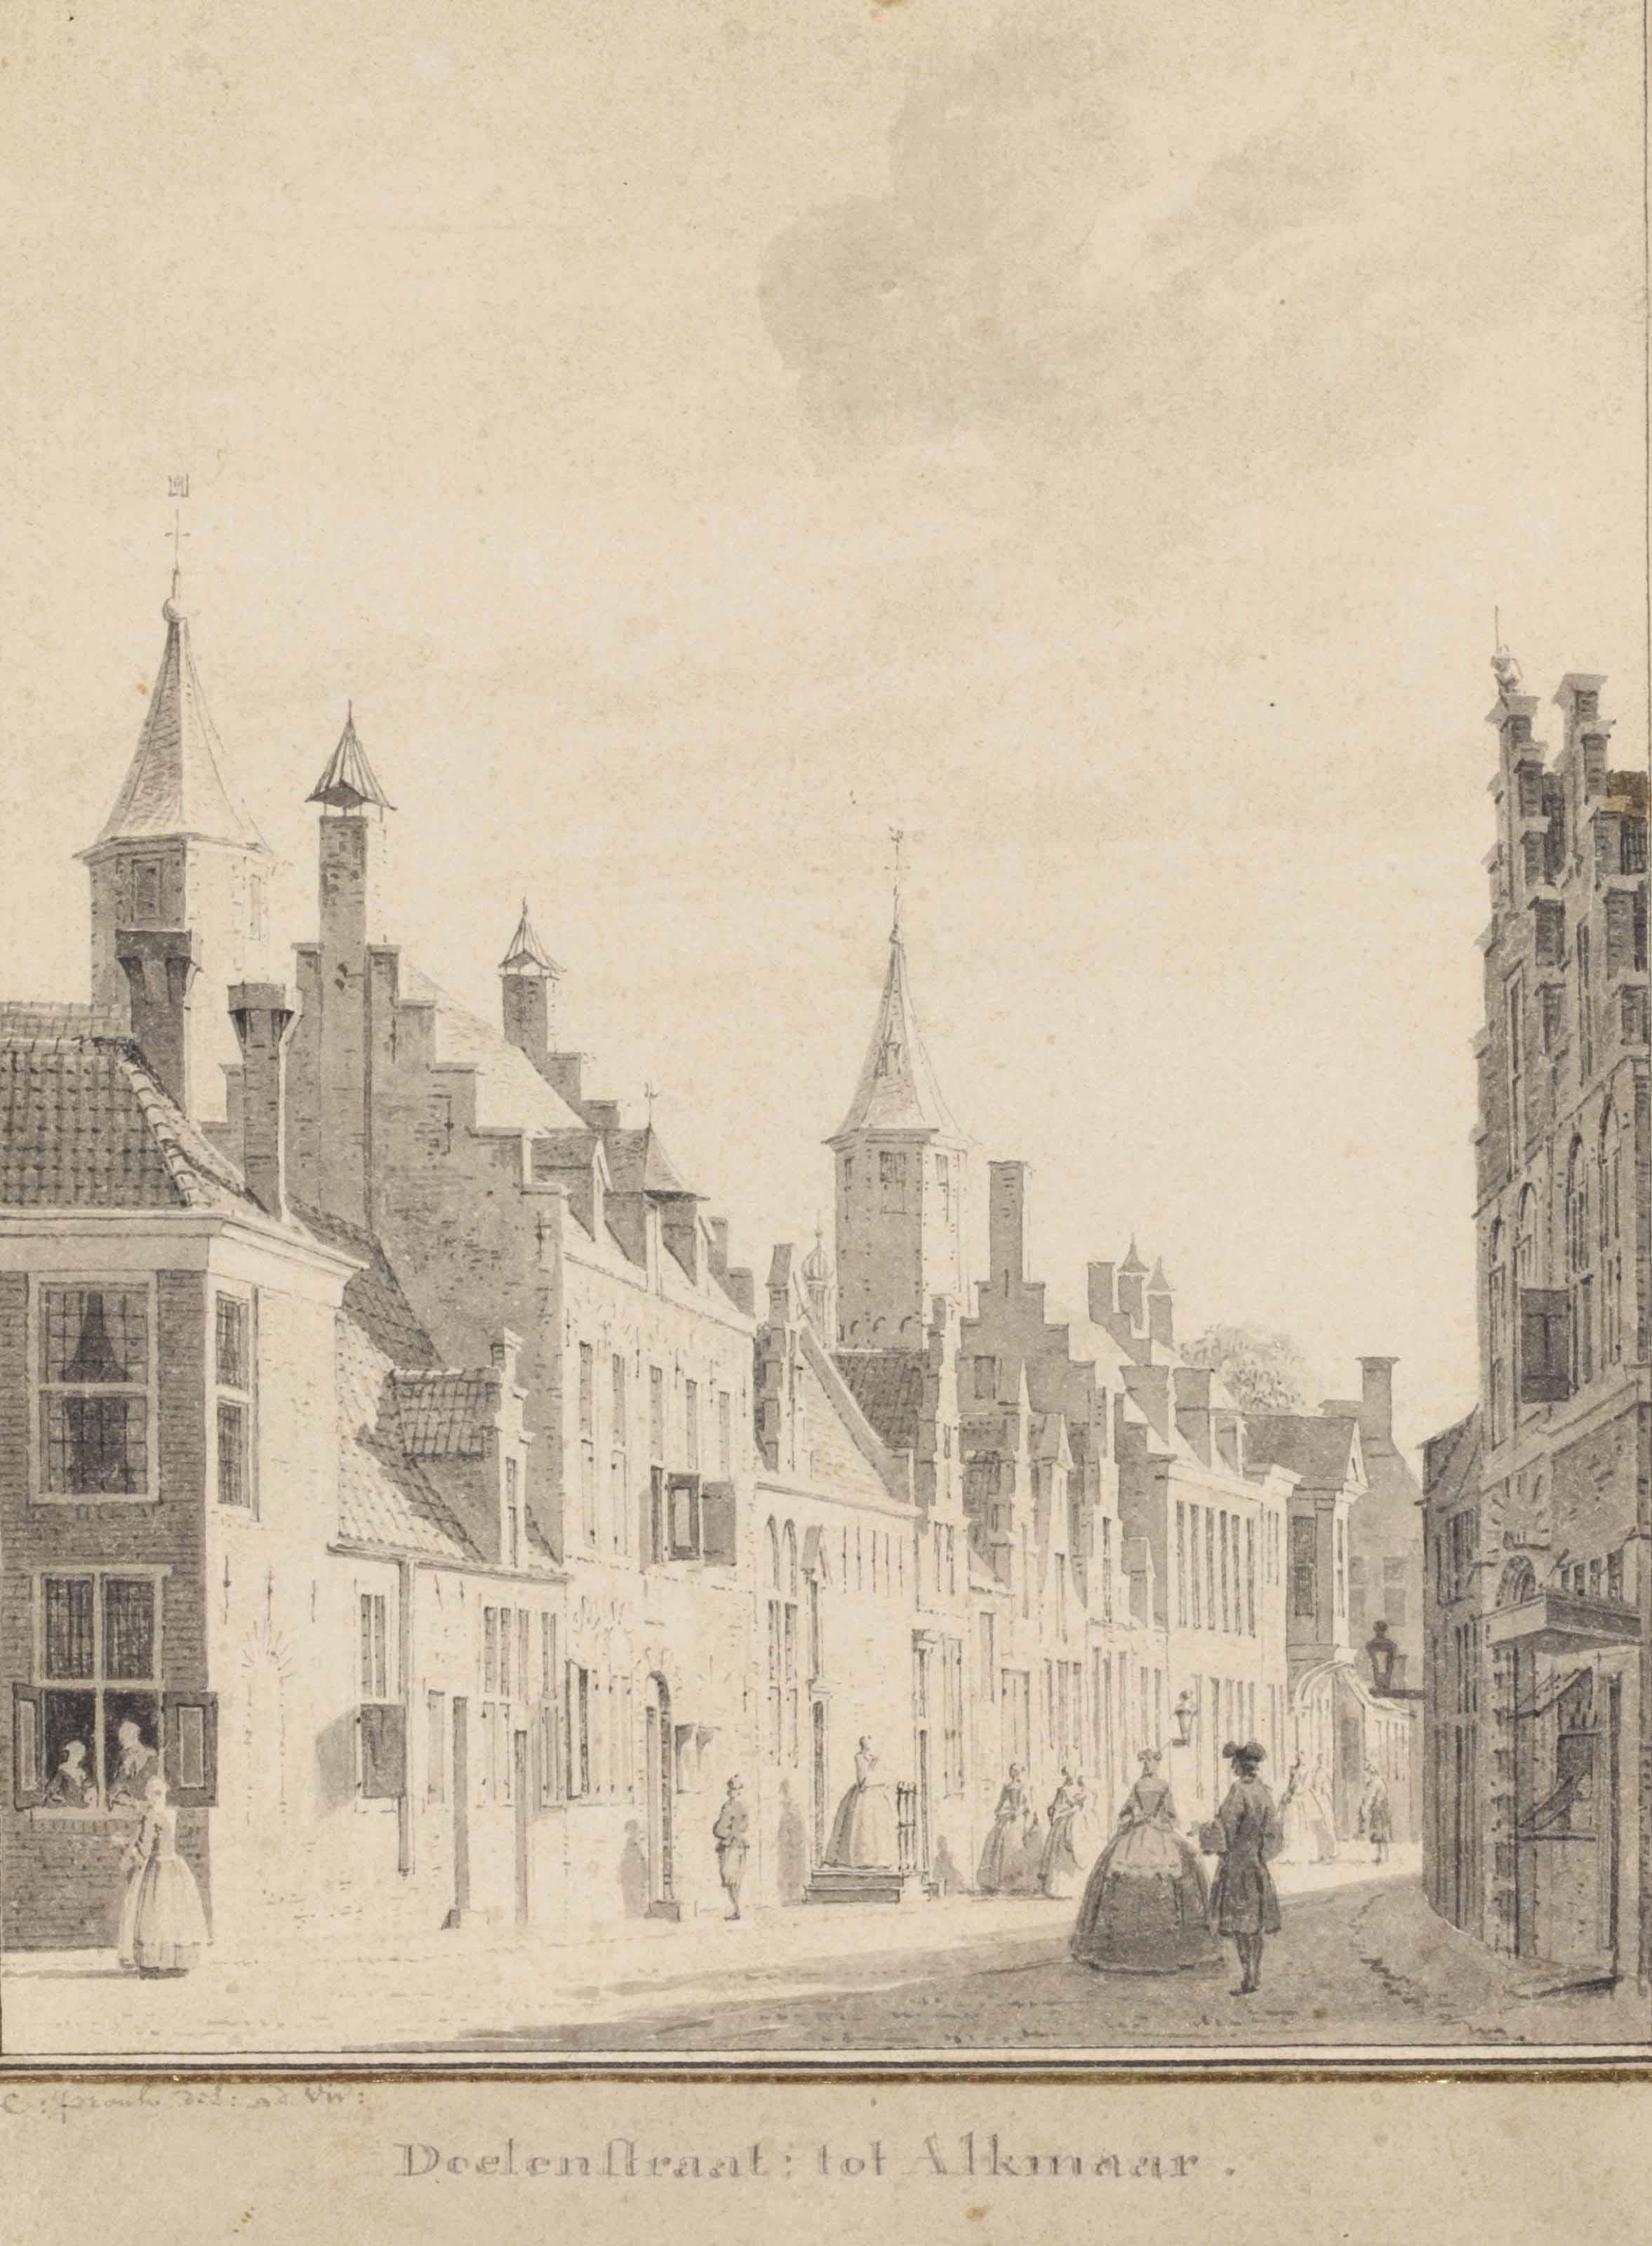 The Doelenstraat, Alkmaar